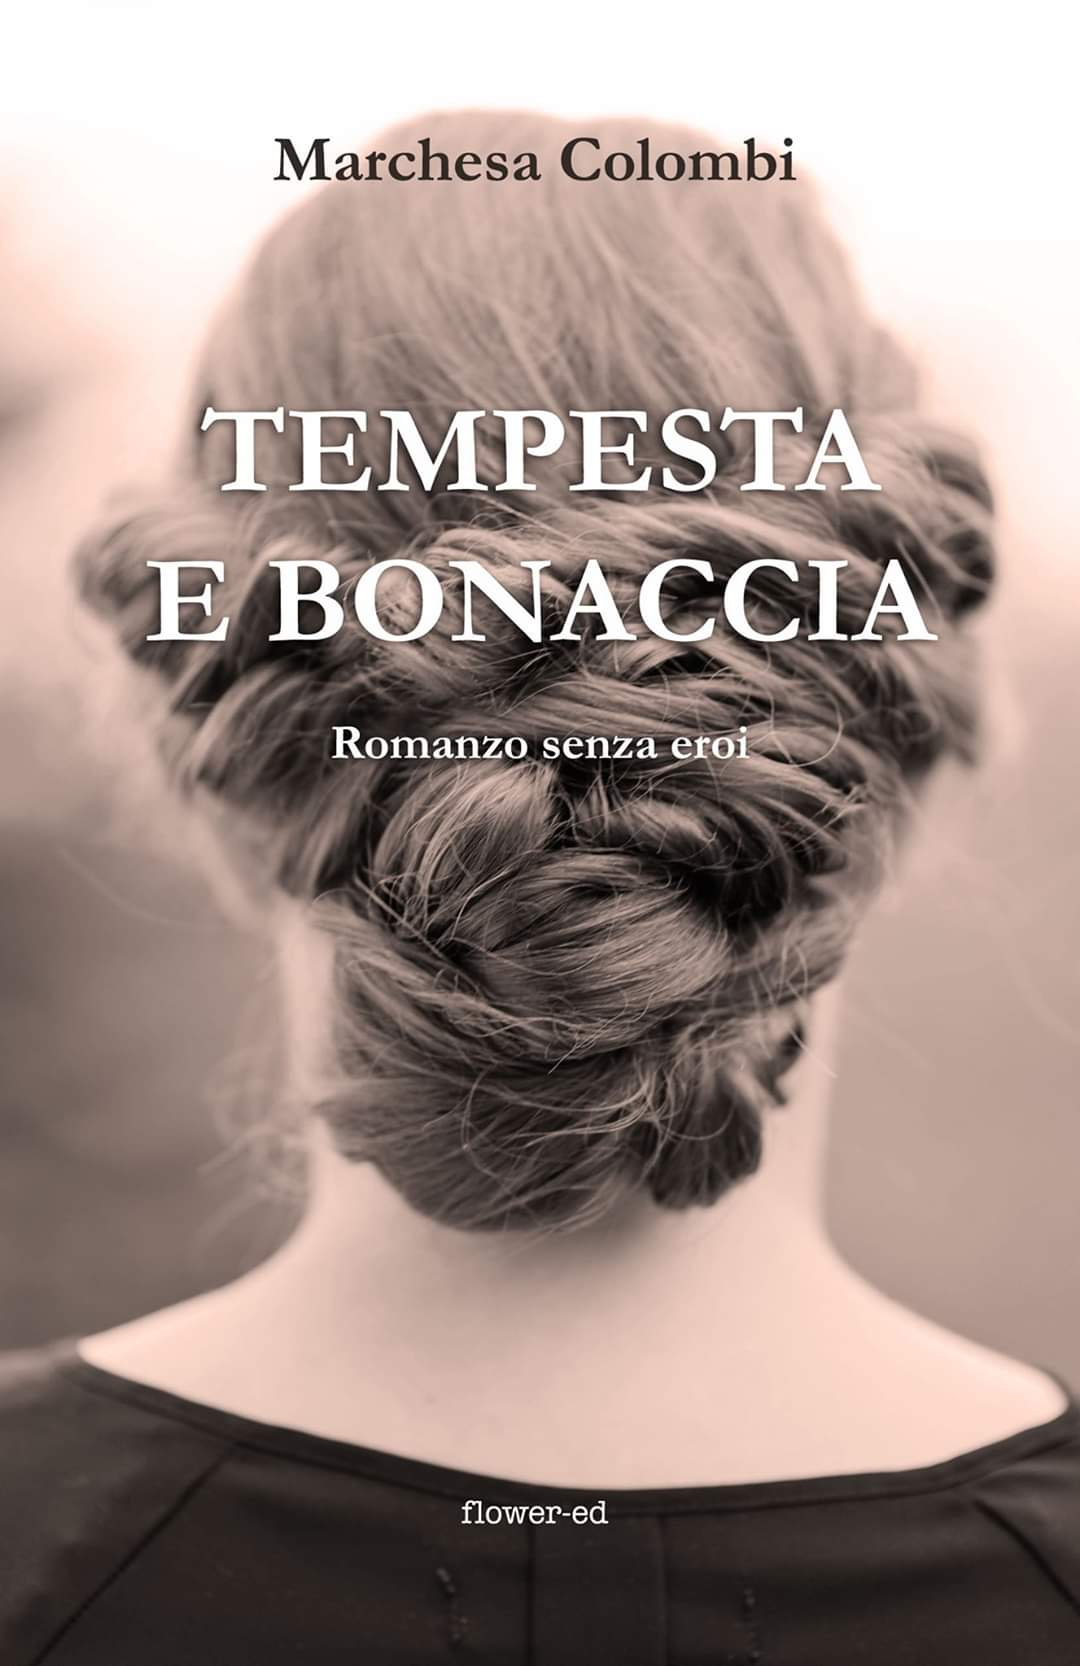 """Copertina romanzo """"Tempesta e bonaccia"""" della Marchesa Colombi"""